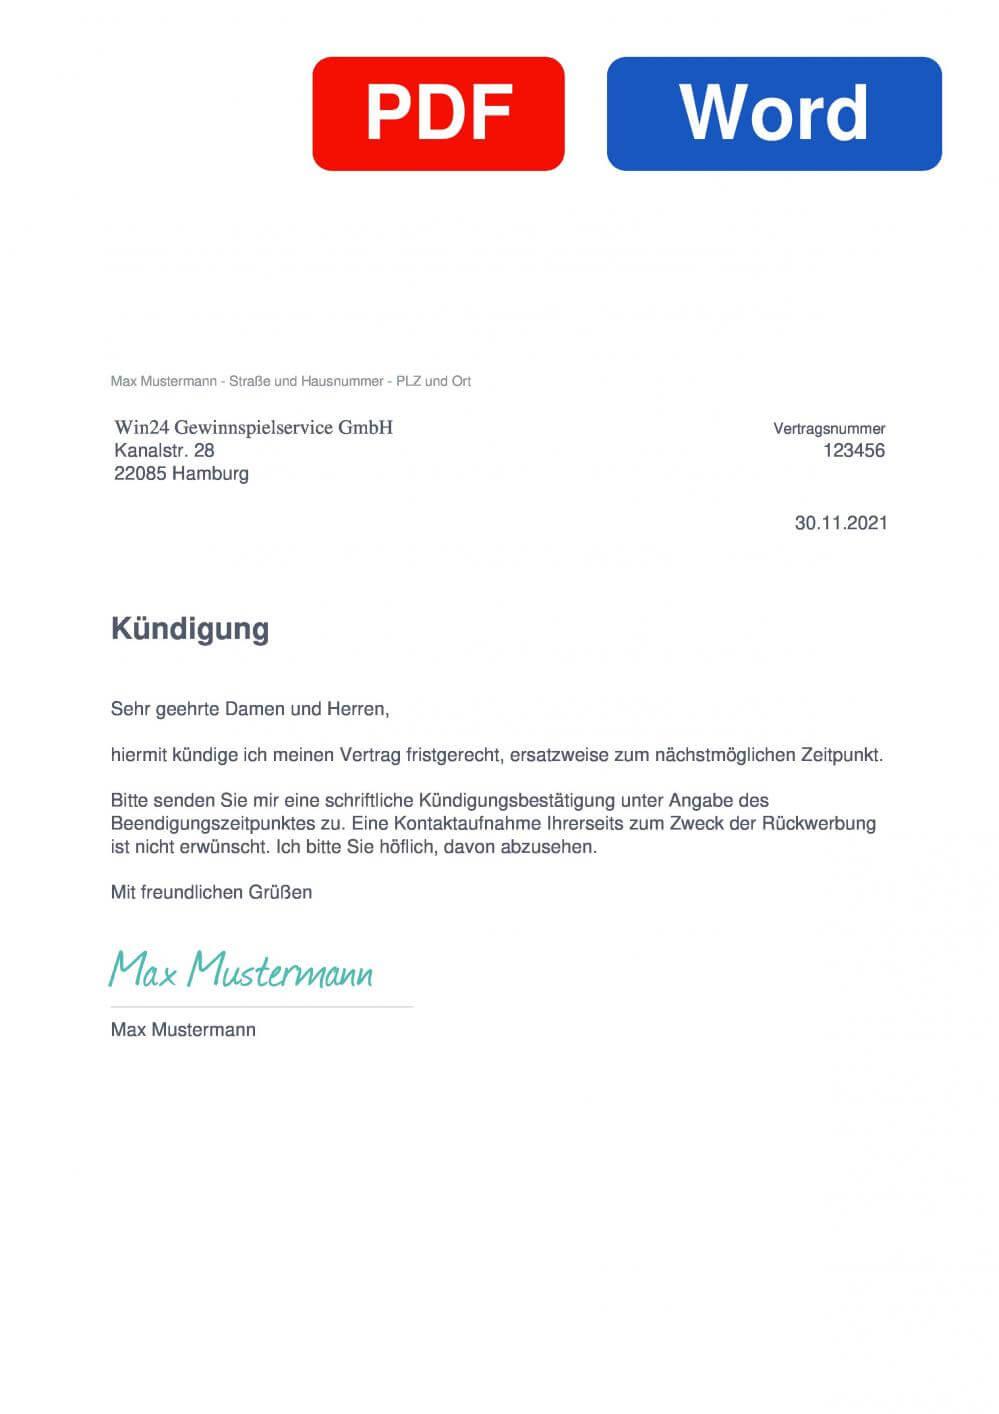 Sparjoker24 Muster Vorlage für Kündigungsschreiben